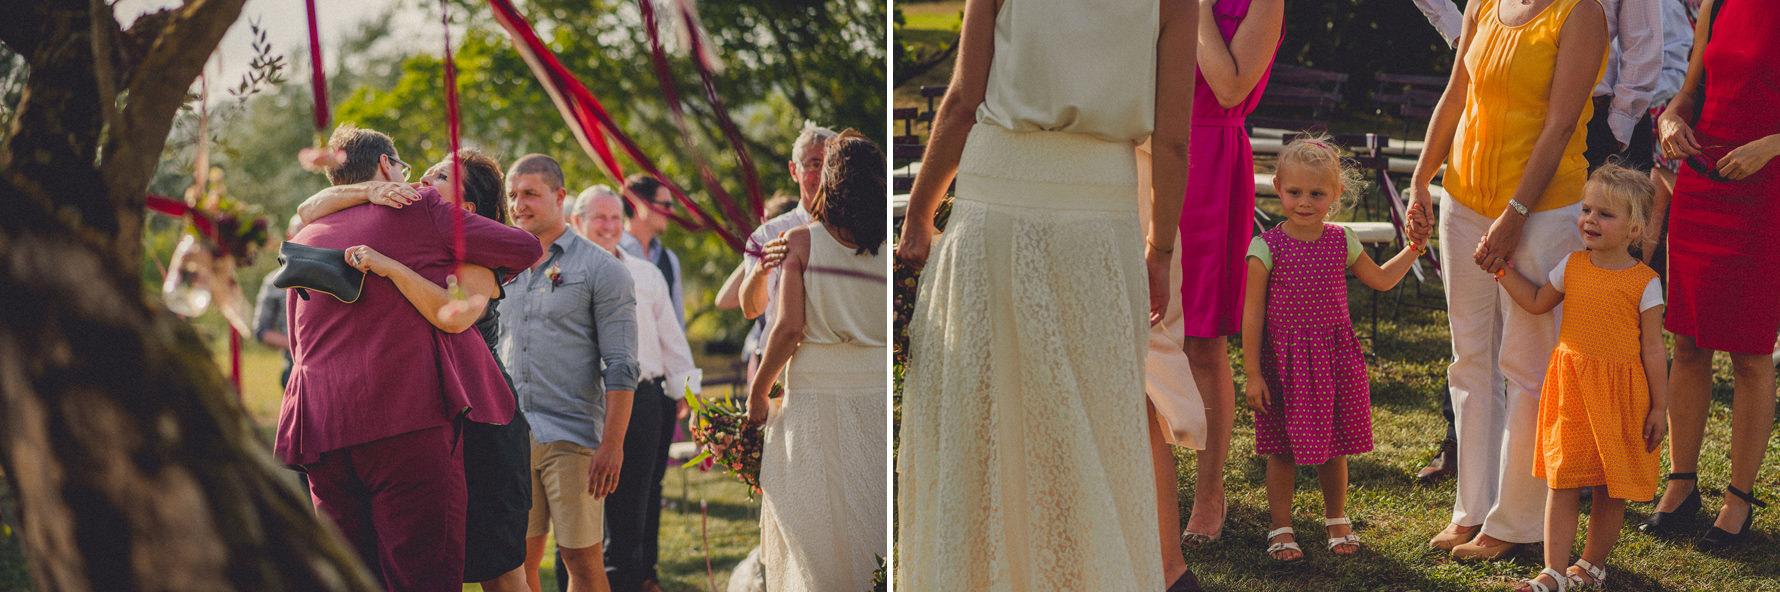 tenuta-canonica-wedding-photographer-livio-lacurre